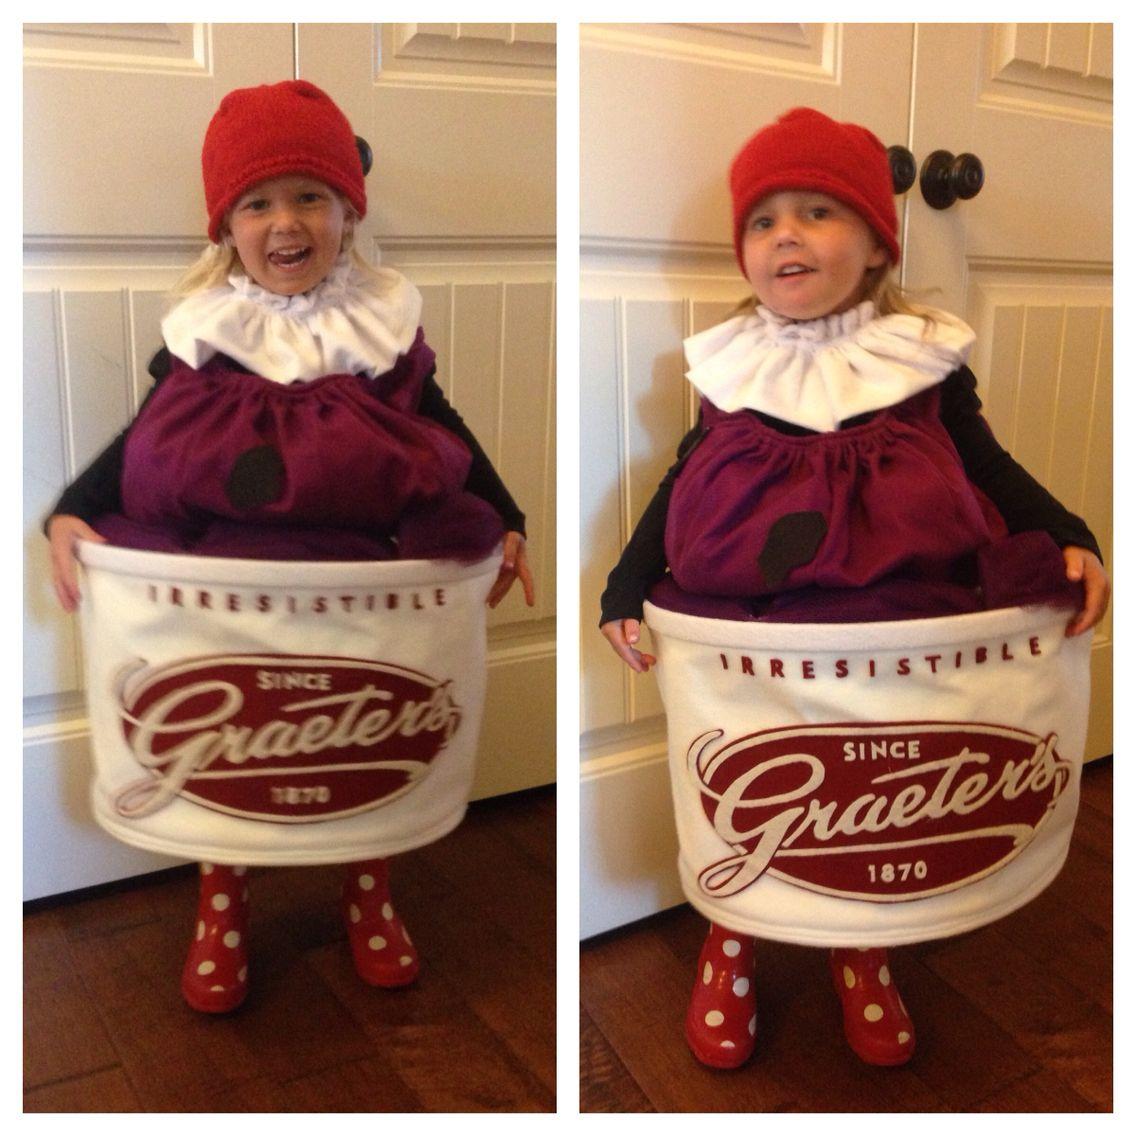 Graeters ice cream costumes 2014 ice cream costume